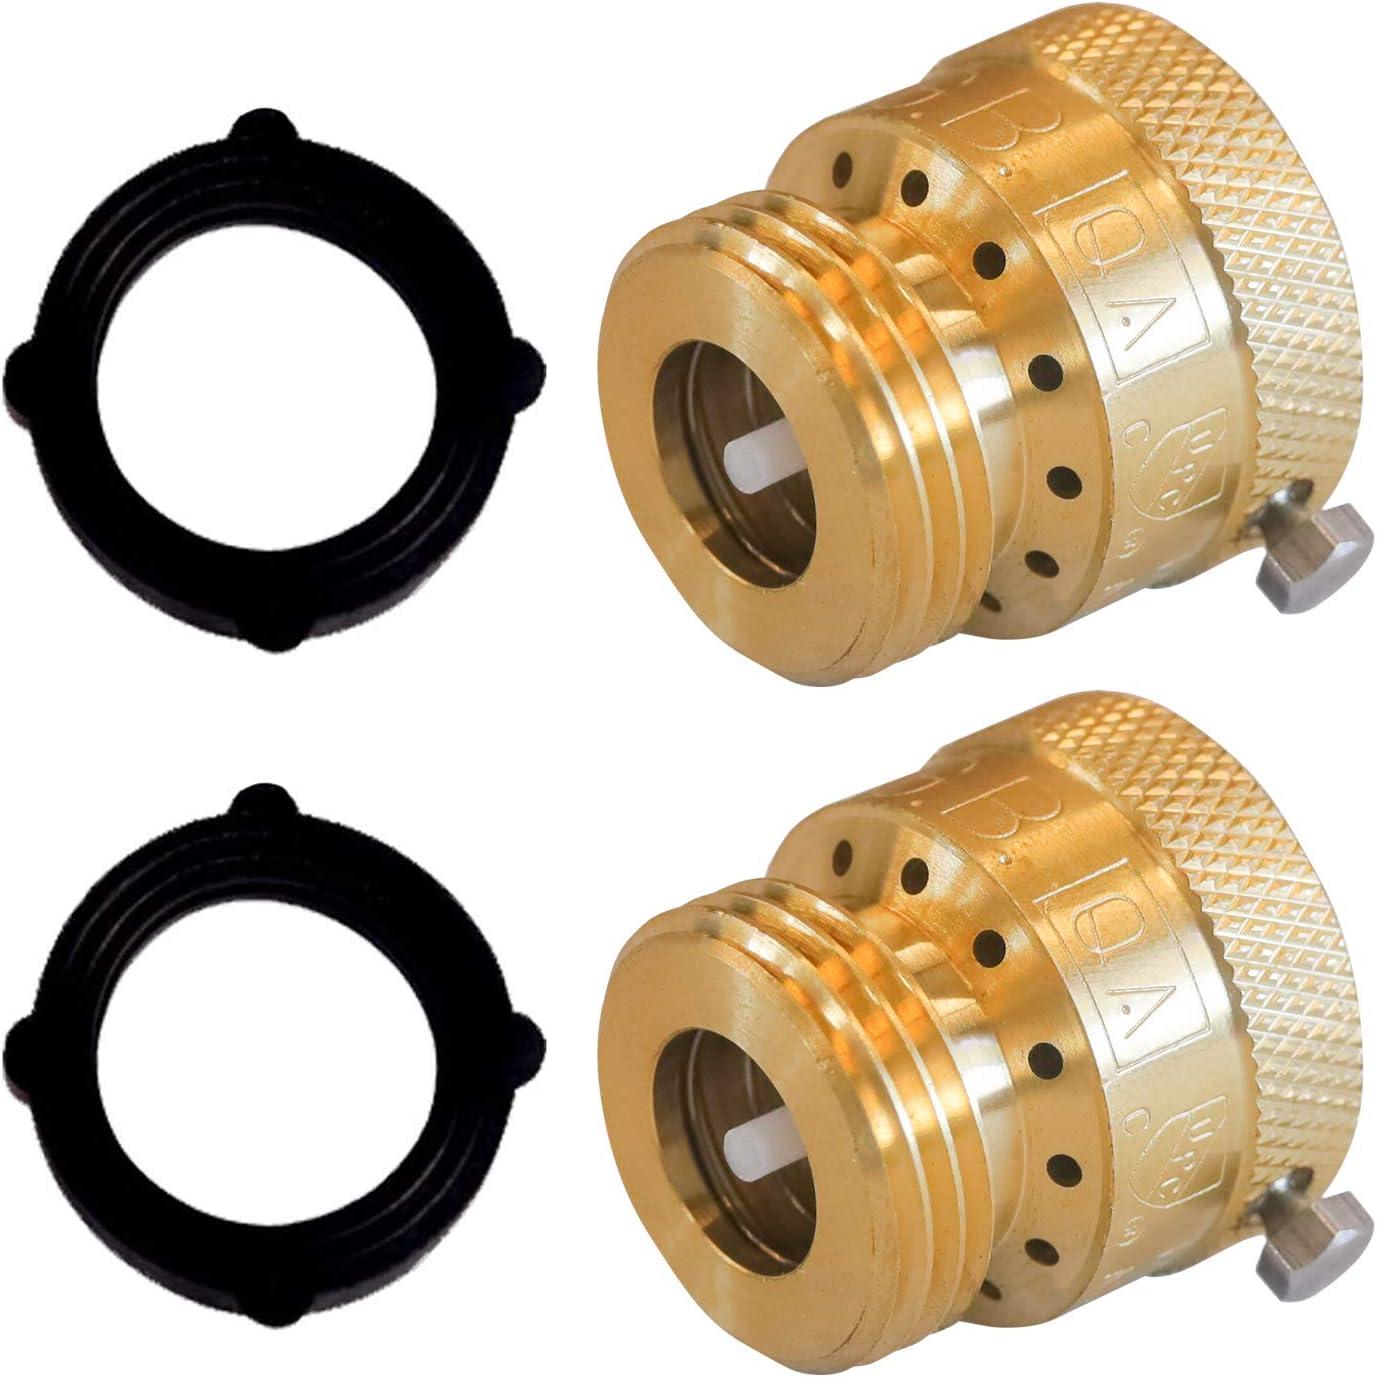 Hourleey Faucet Vacuum Breaker, Solid Brass Hose Bib Backflow Preventer, 3/4 Inch